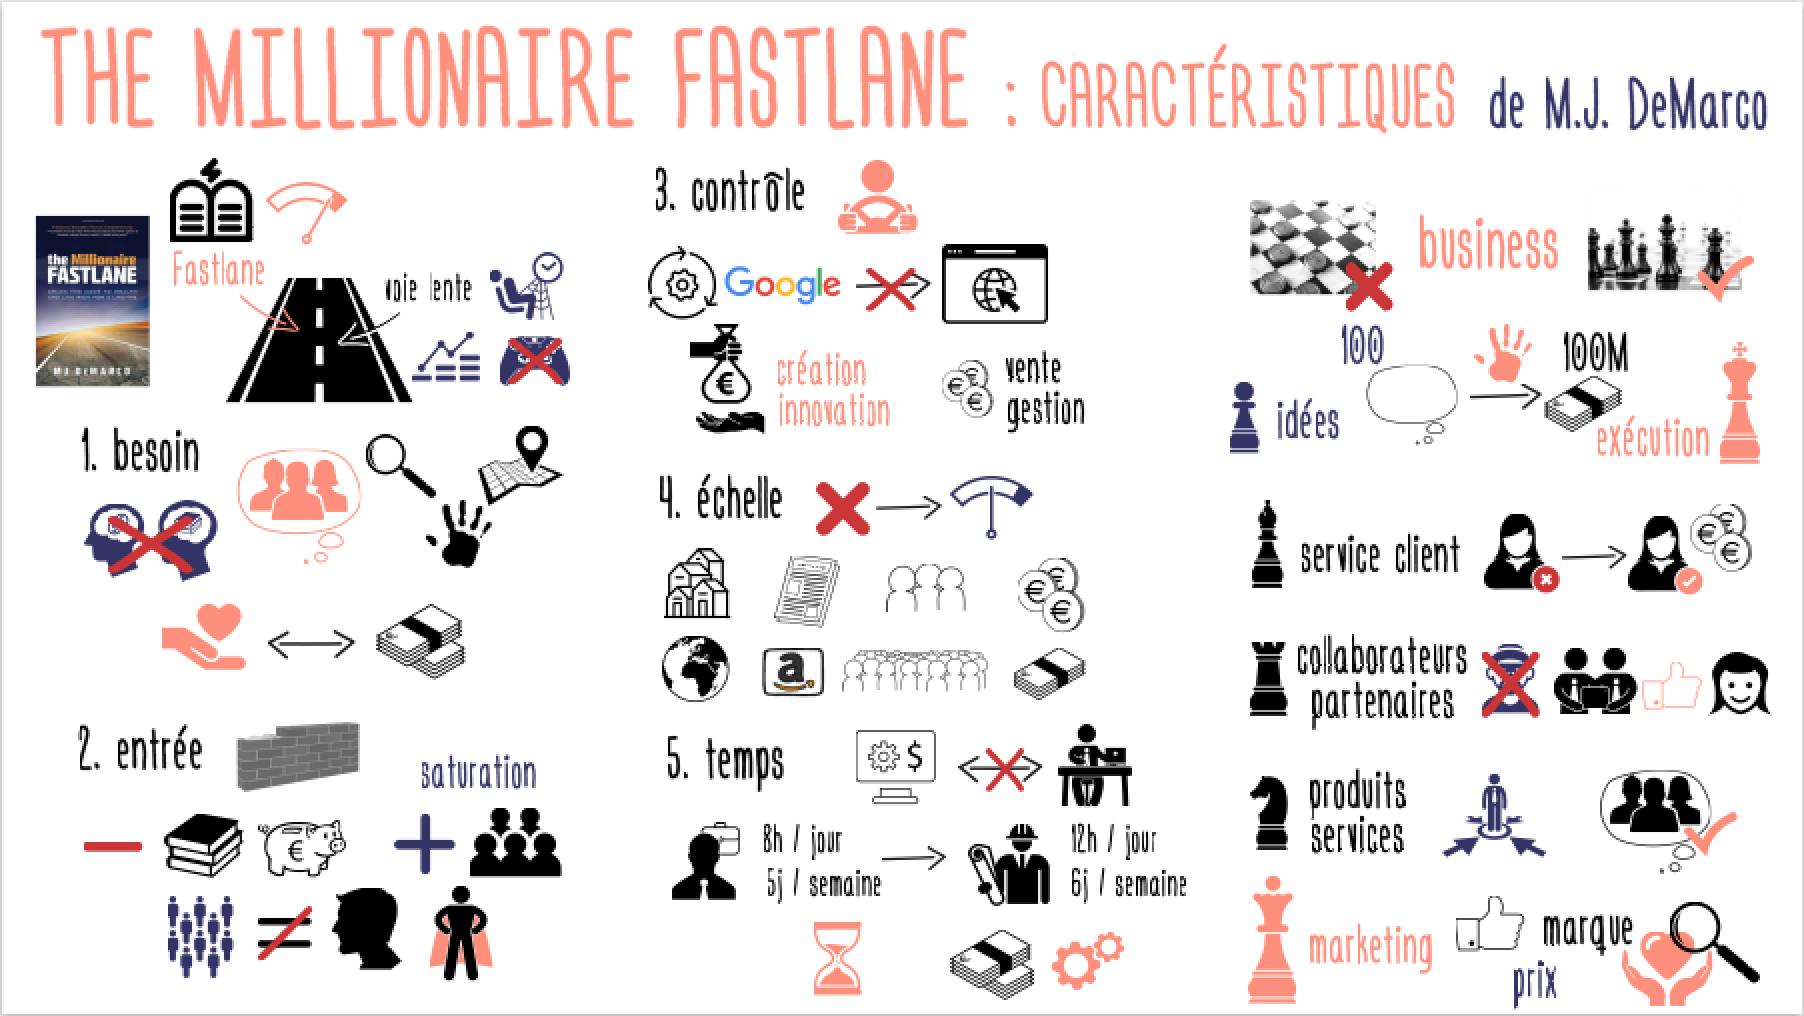 MillionaireFastlane_Characteristics